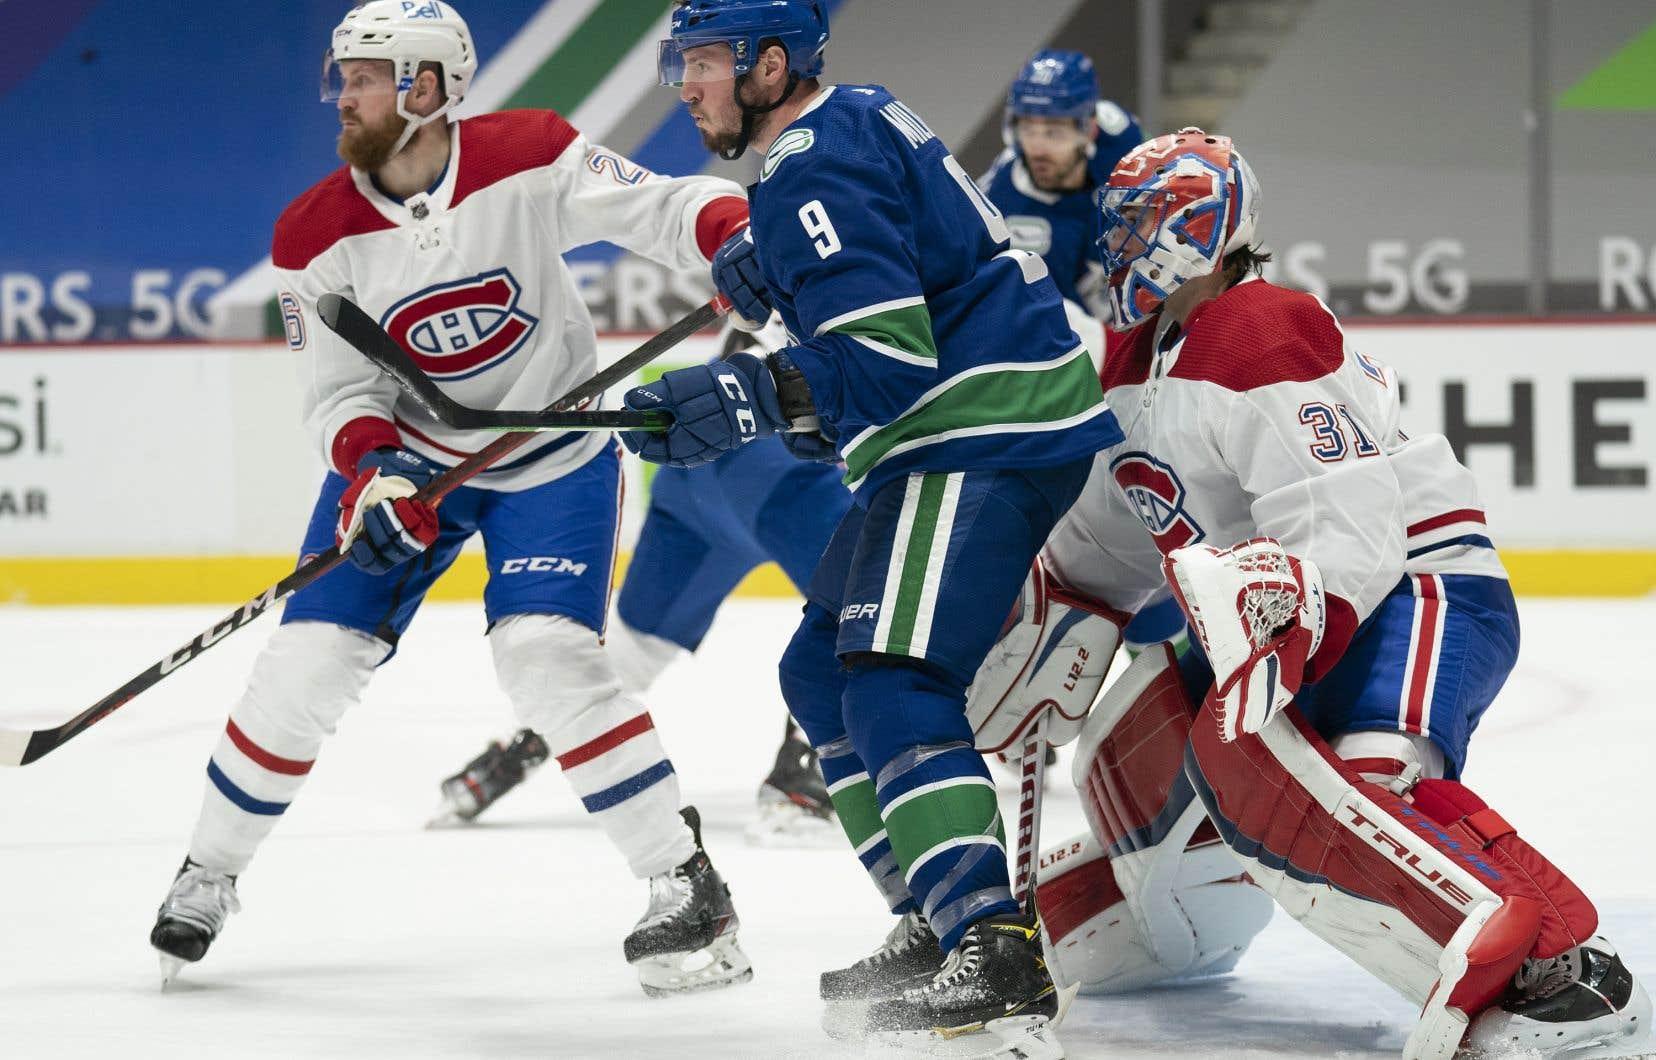 Tout a fonctionné pour le Canadien mercredi soir au Rogers Arena.